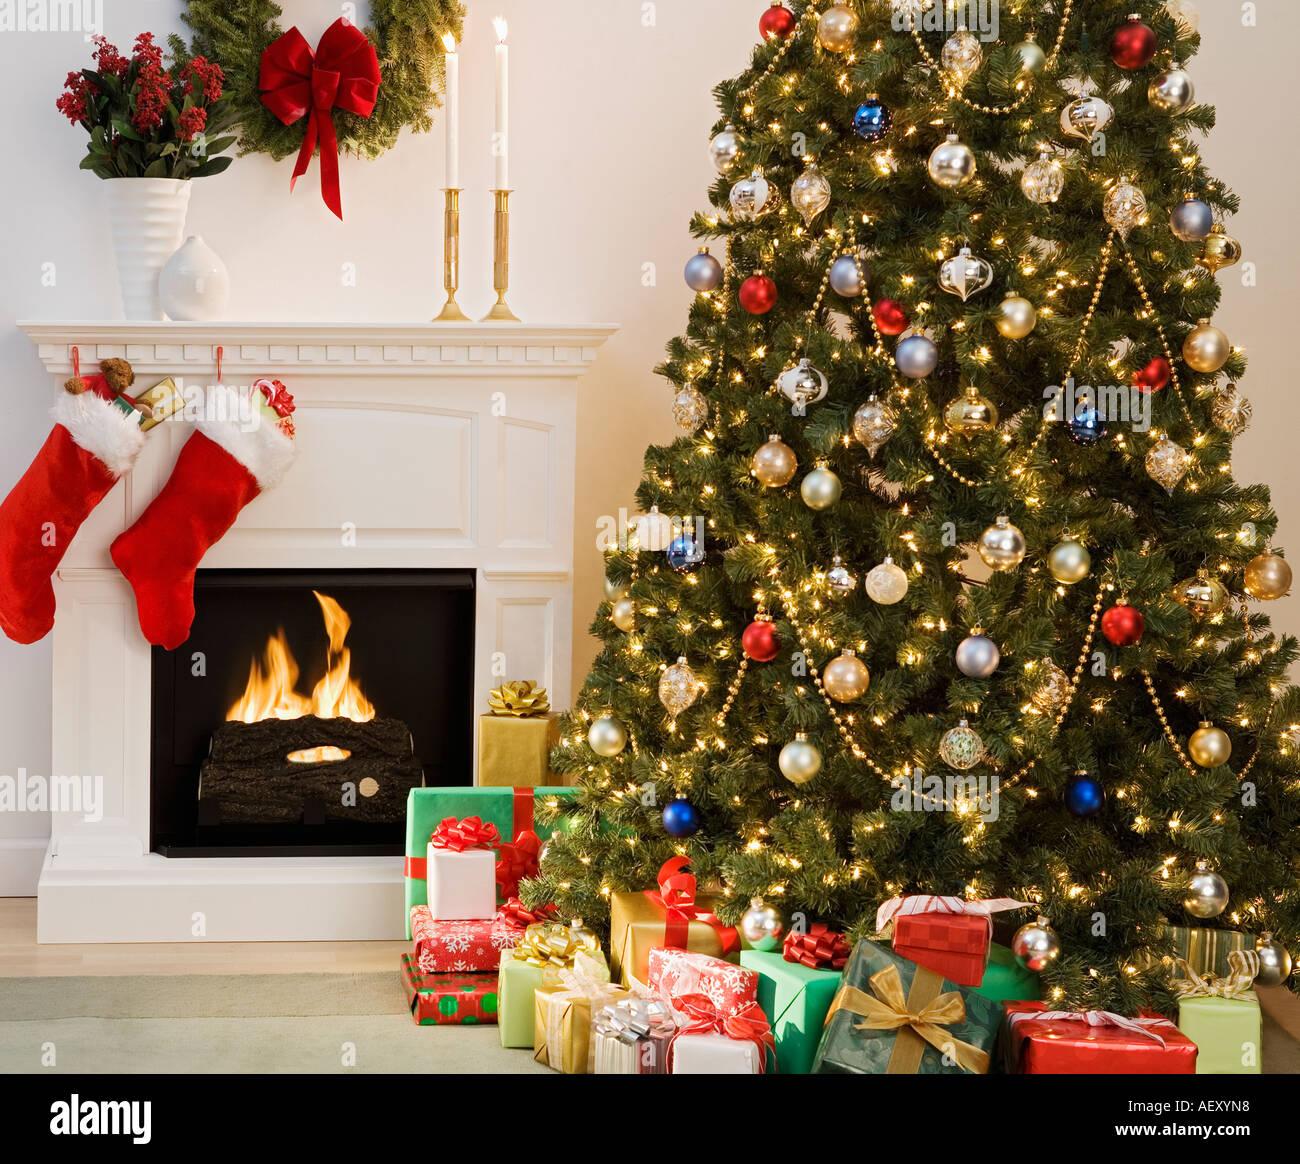 weihnachtsbaum mit geschenken und kamin mit strümpfen